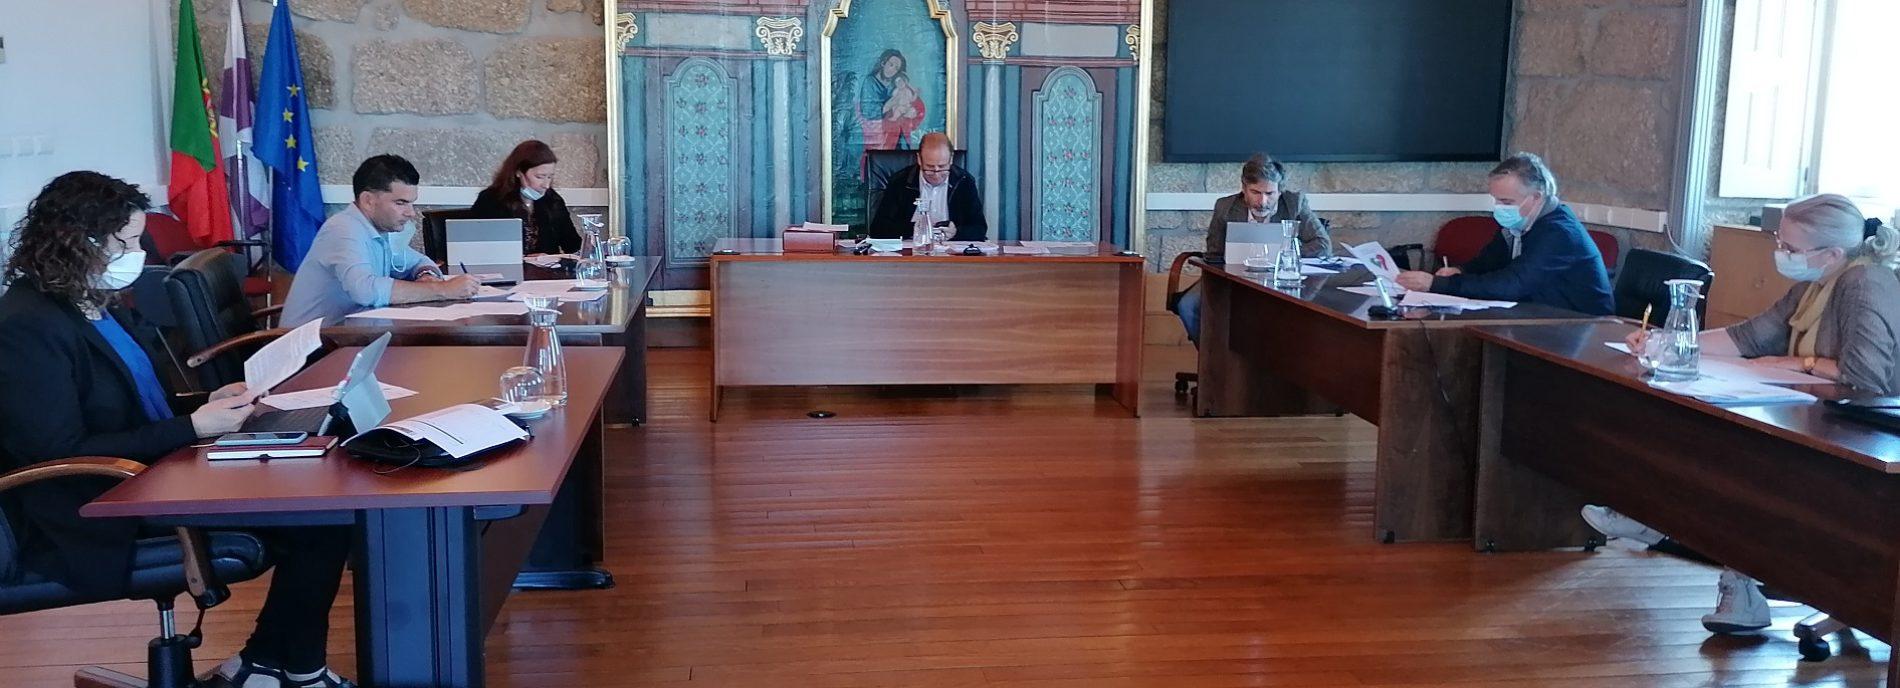 Alexandrino assegura que subsídio de 6600 Euros é destinado às fábricas da igreja  para despesas no contexto de Covid-19